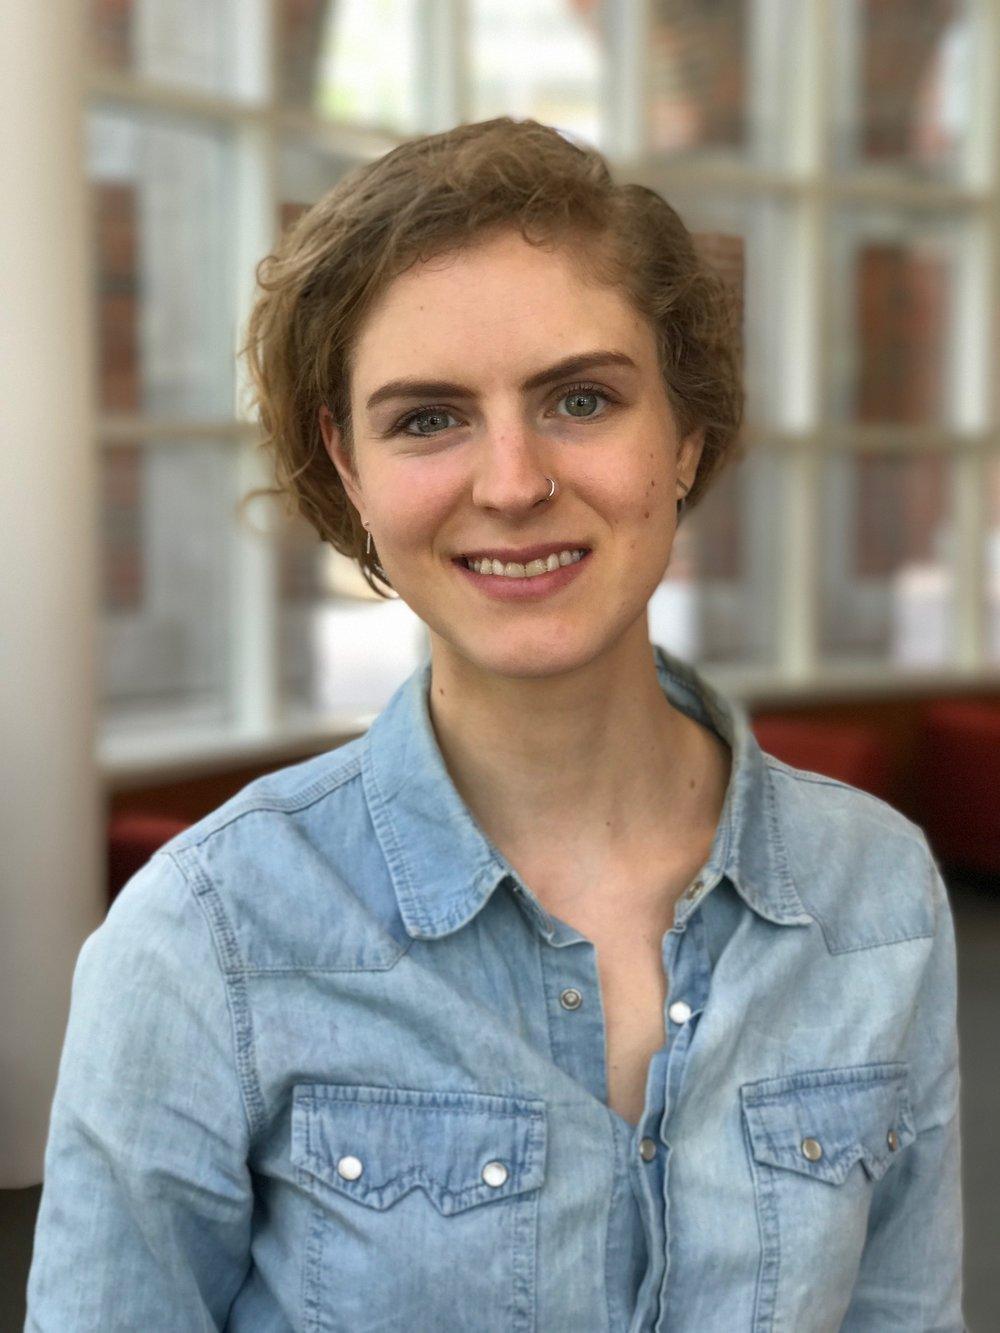 Emily Ruggeberg